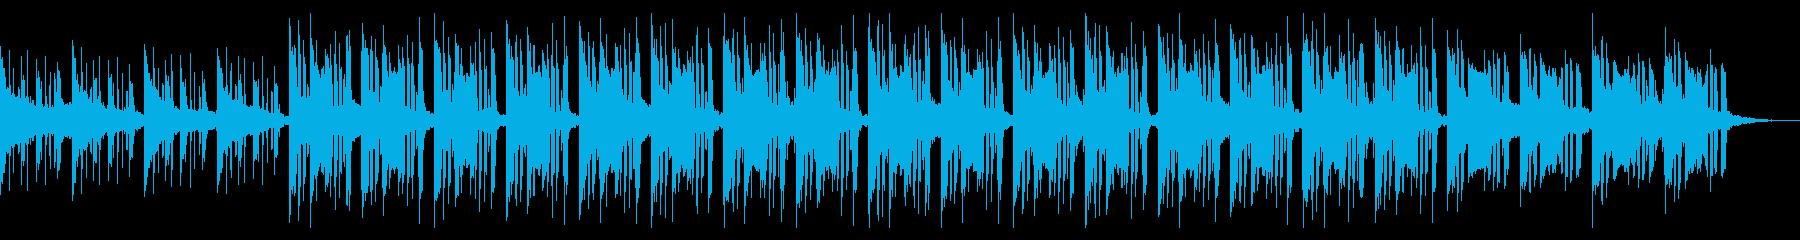 推理サスペンス ショート ミステリー劇伴の再生済みの波形